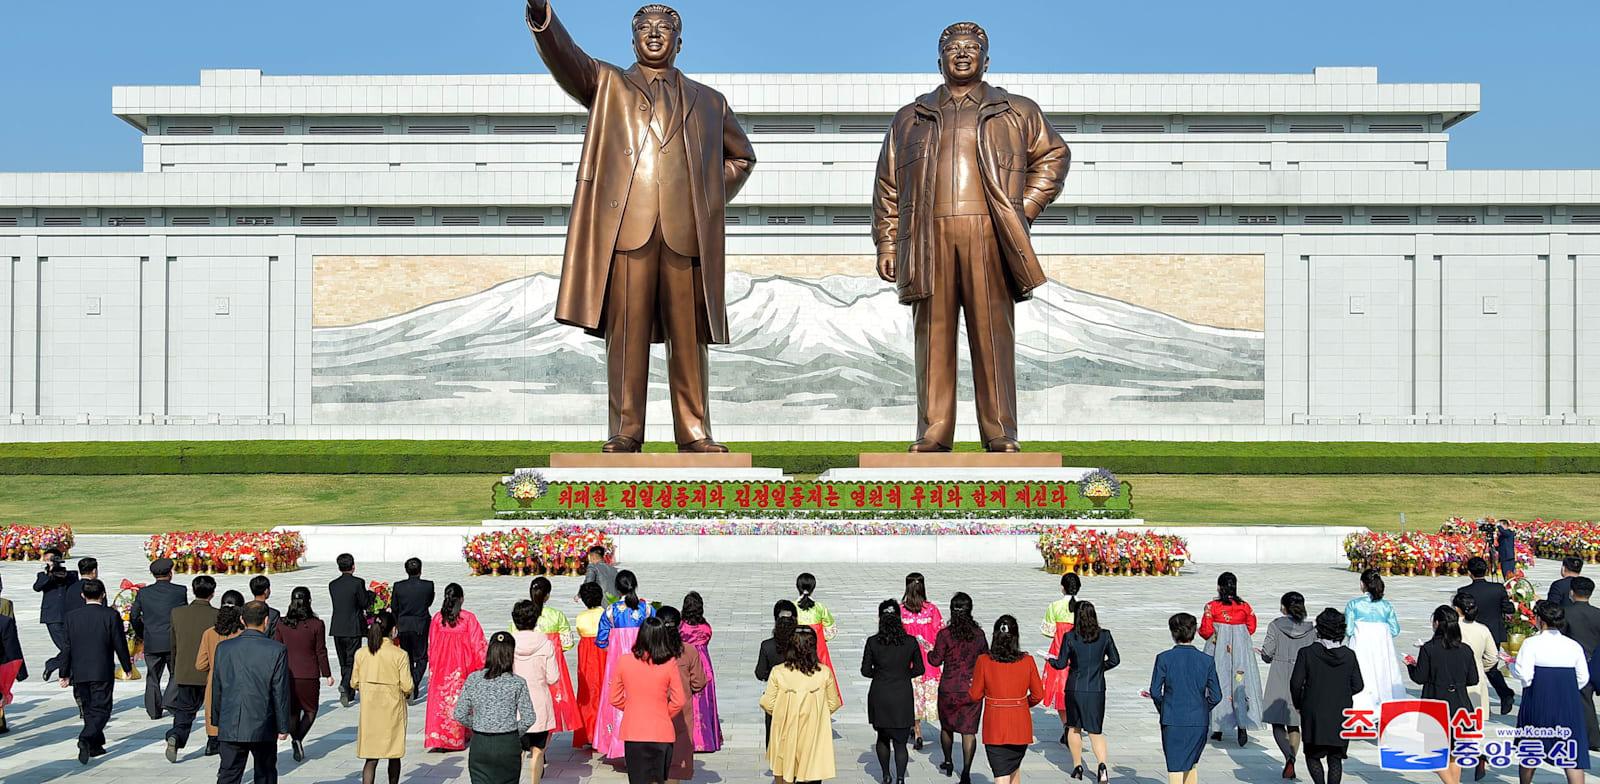 חגיגות יום הולדתו ה-109 של מייסד המדינה קים איל סונג בפיונגיאנג, צפון קוריאה / צילום: Reuters